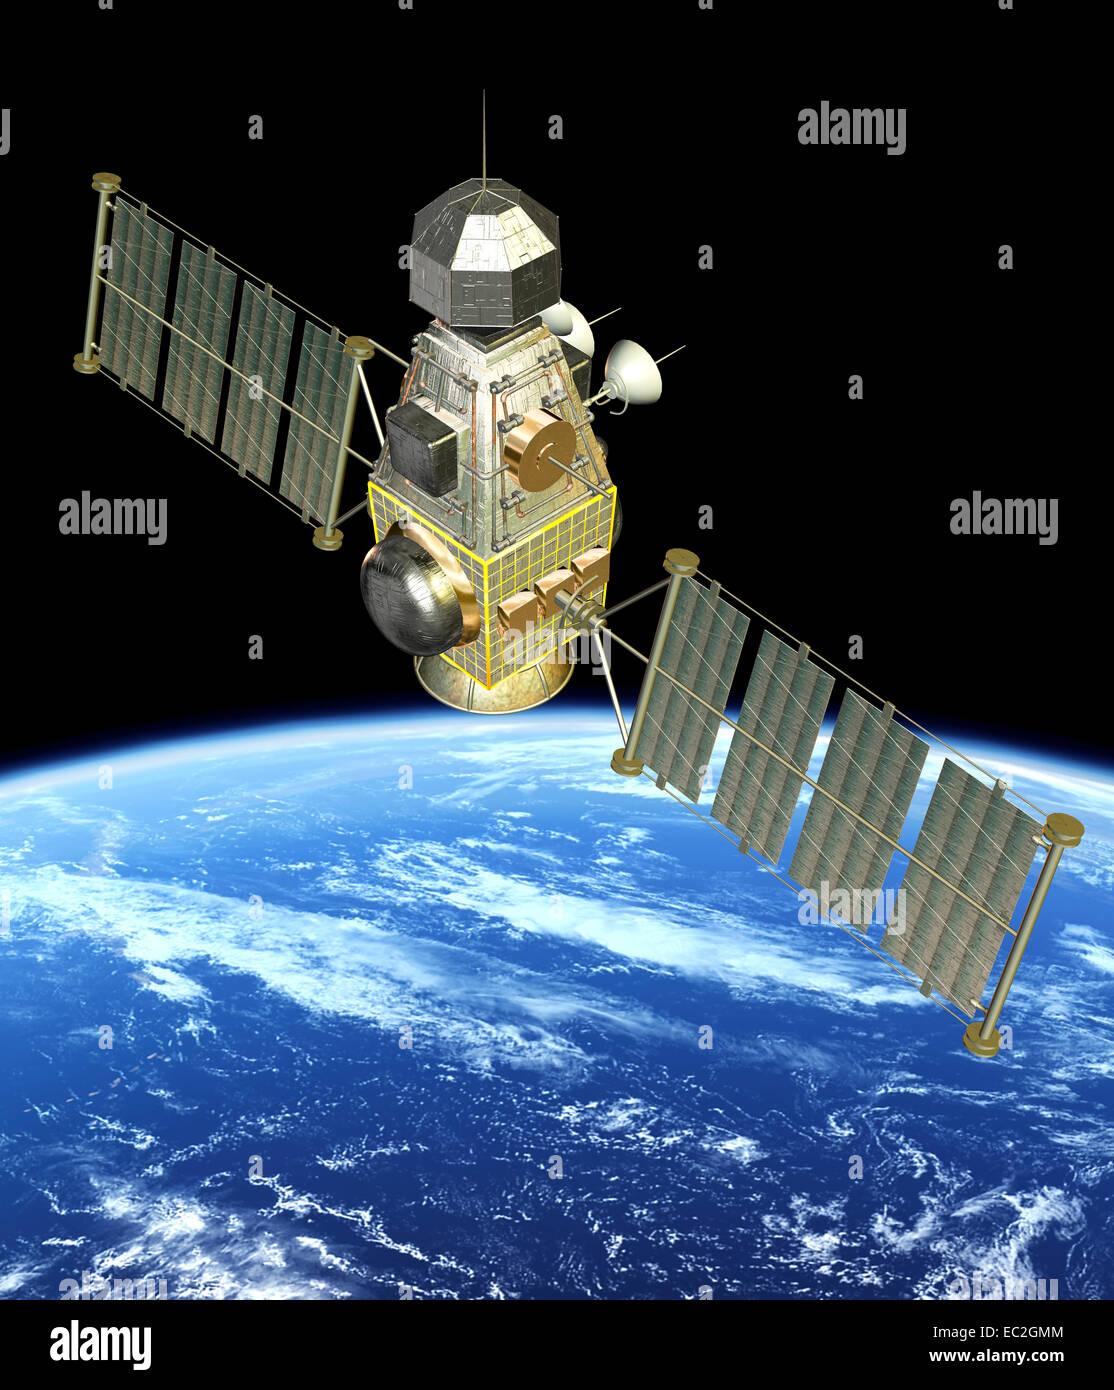 Artista concetto di veicolo spaziale e la messa a terra Immagini Stock